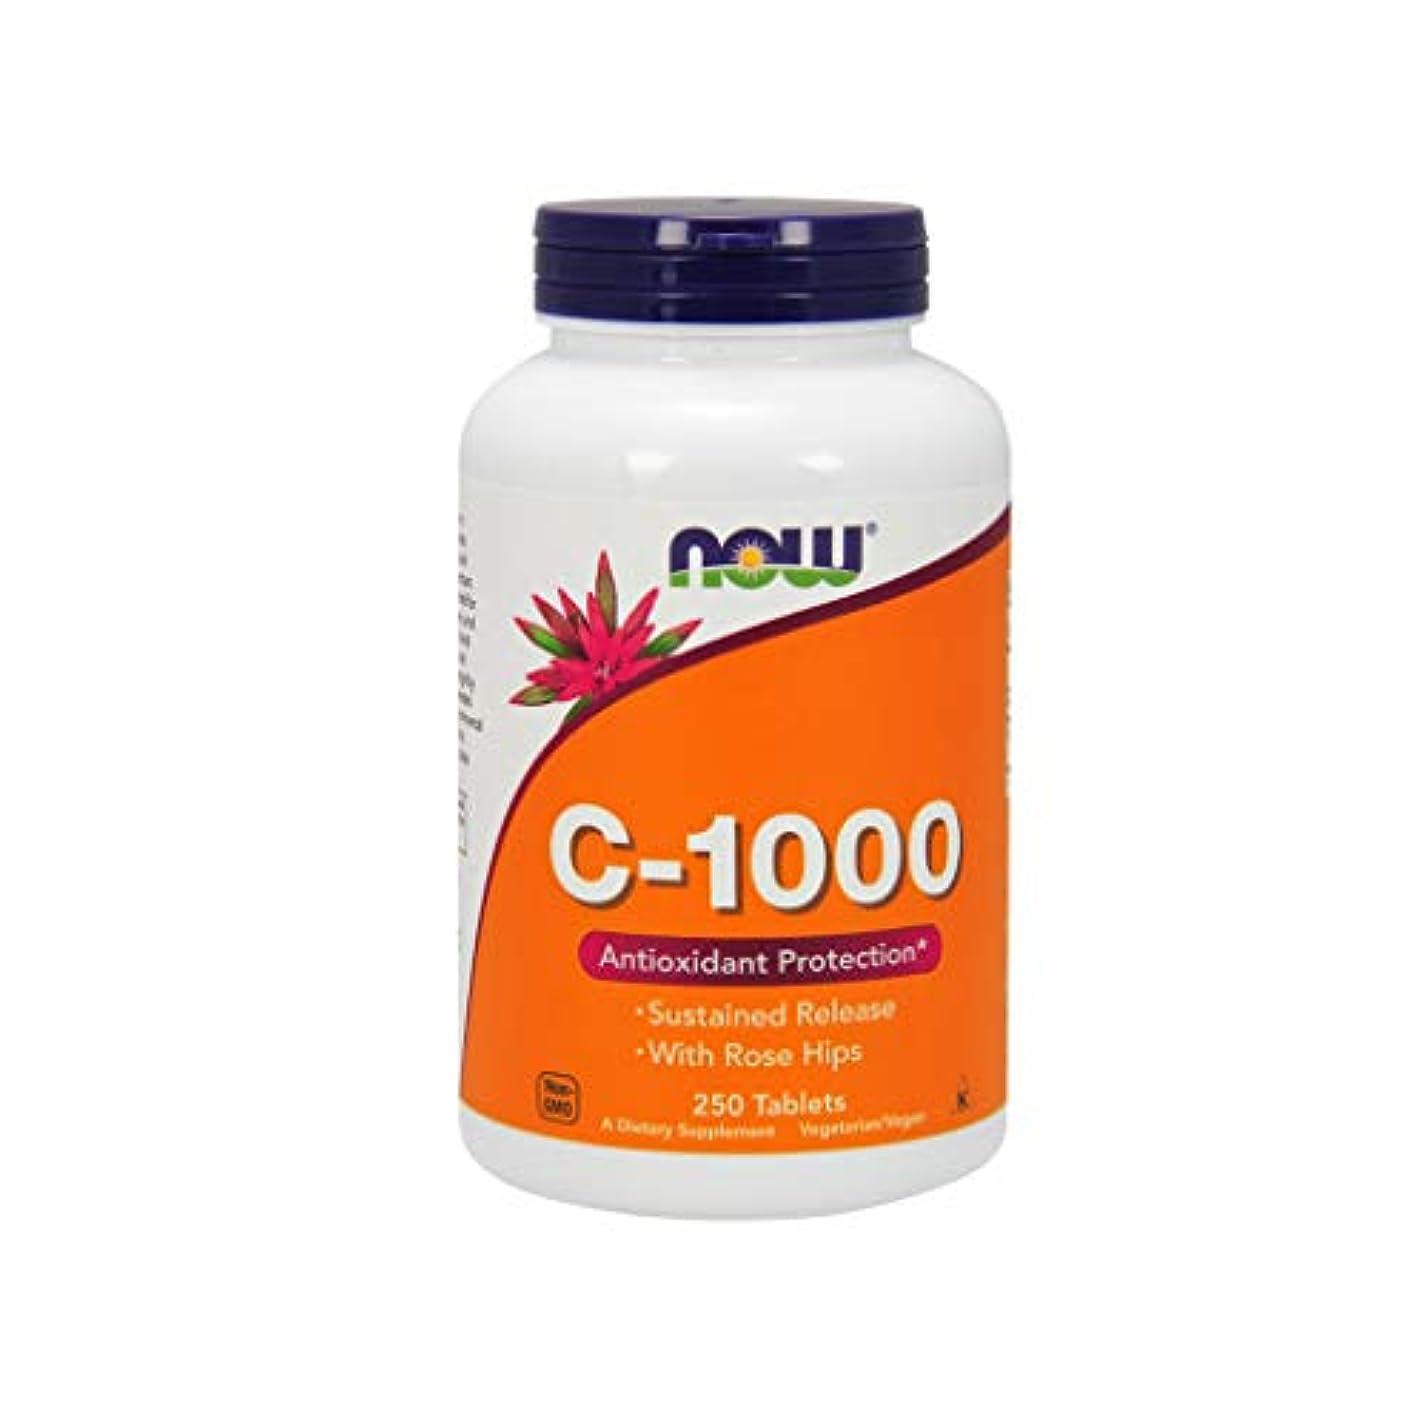 メロディアスペンフレンド愛されし者[海外直送品] ナウフーズ  - バラの実が付いているビタミンC1000の時間解放 - 250錠剤